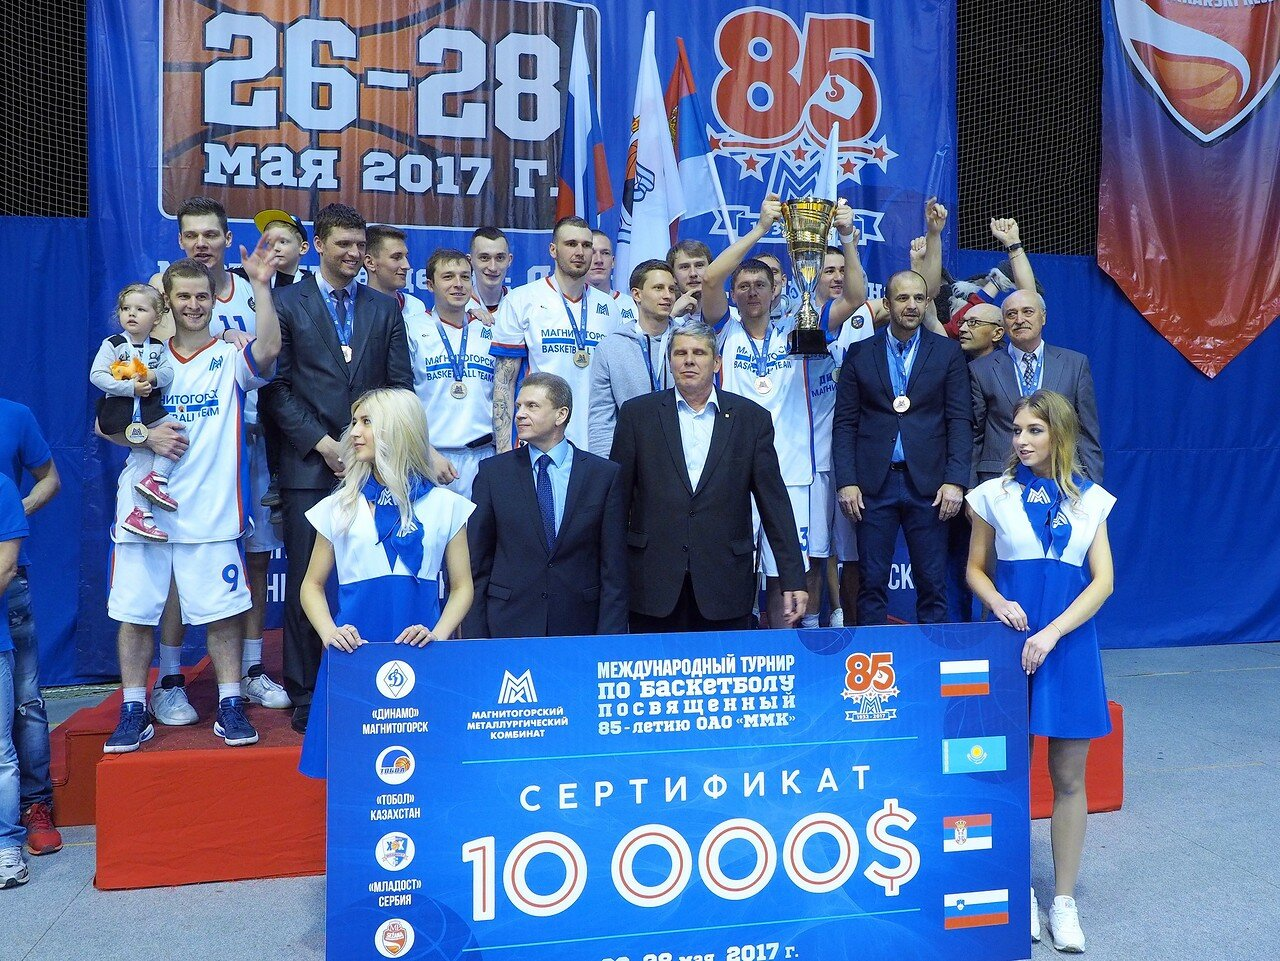 128 Младост - Динамо 28.05.2017